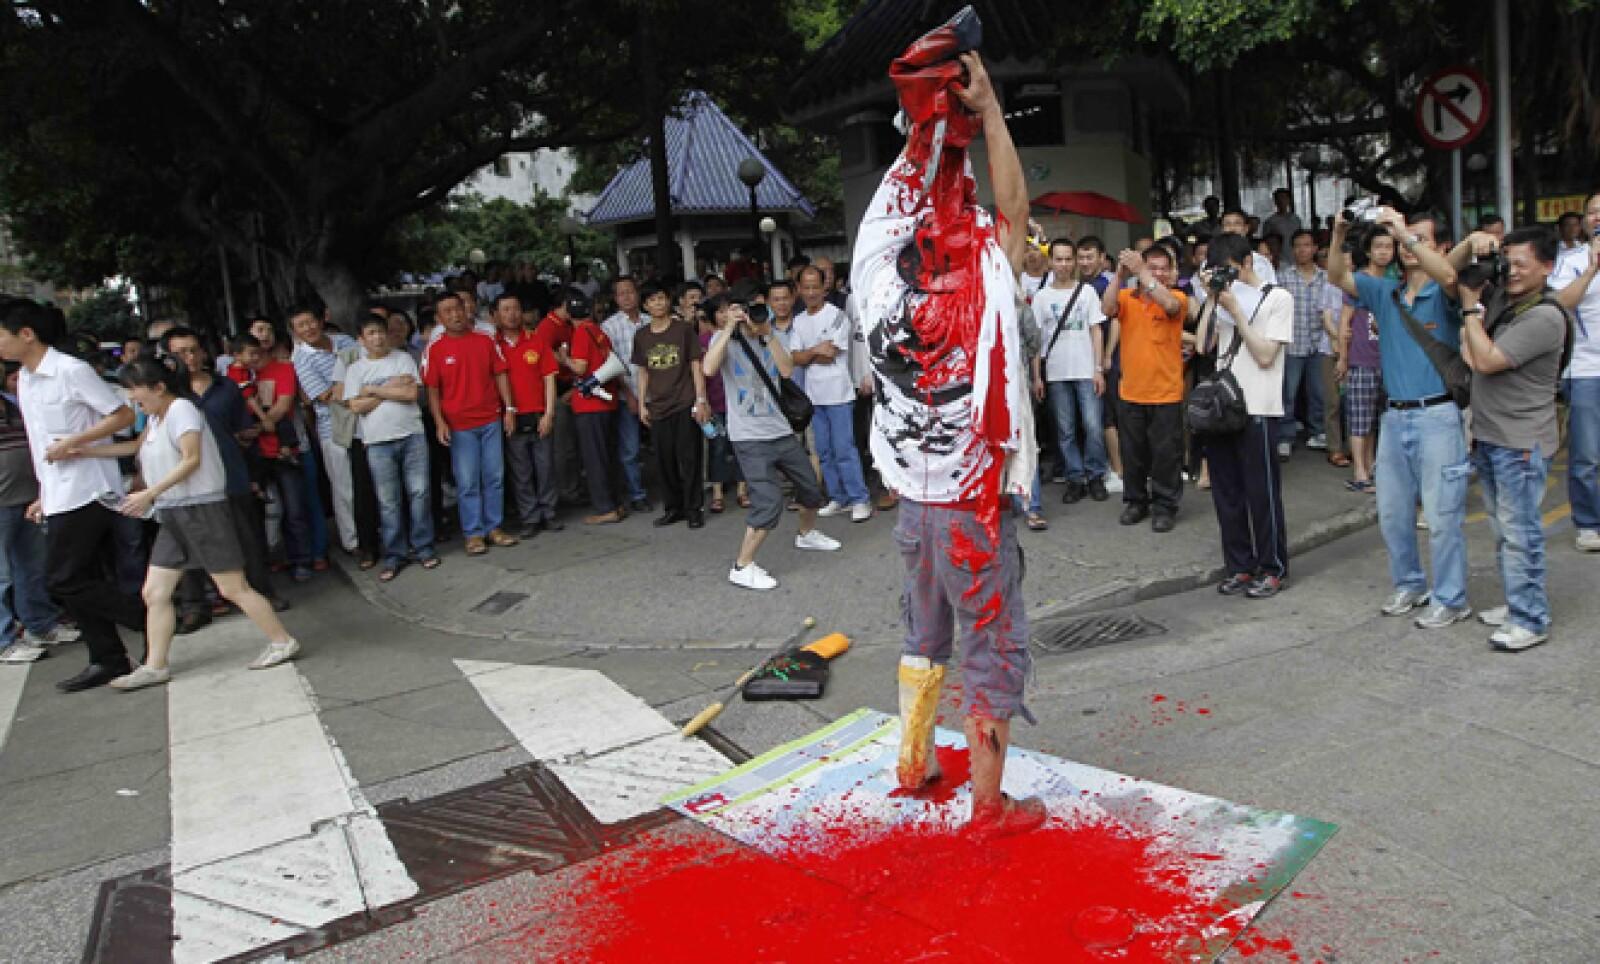 Un manifestante de esta región administrativa especial en China se arrojó pintura durante una protesta contra los trabajadores migrantes de la región continental y otros países, así como la corrupción gubernamental.